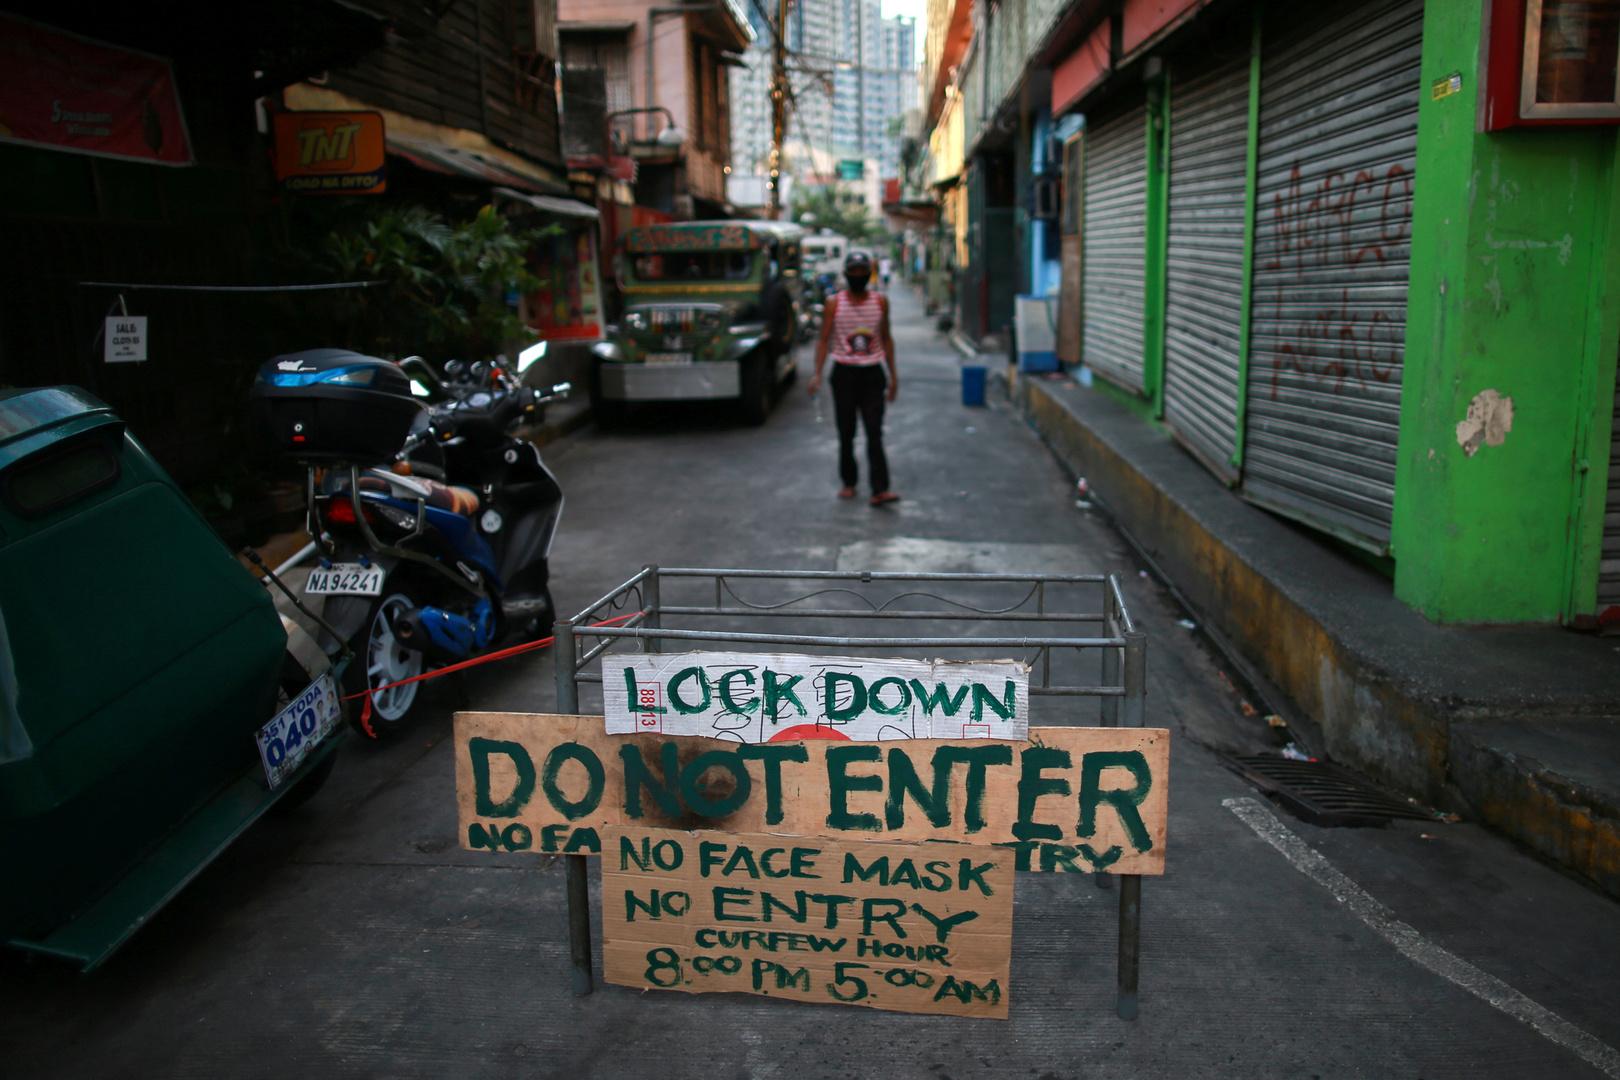 الفلبين تمنع سفر العاملين في مجال الصحة للخارج لمكافحة كورونا في الداخل